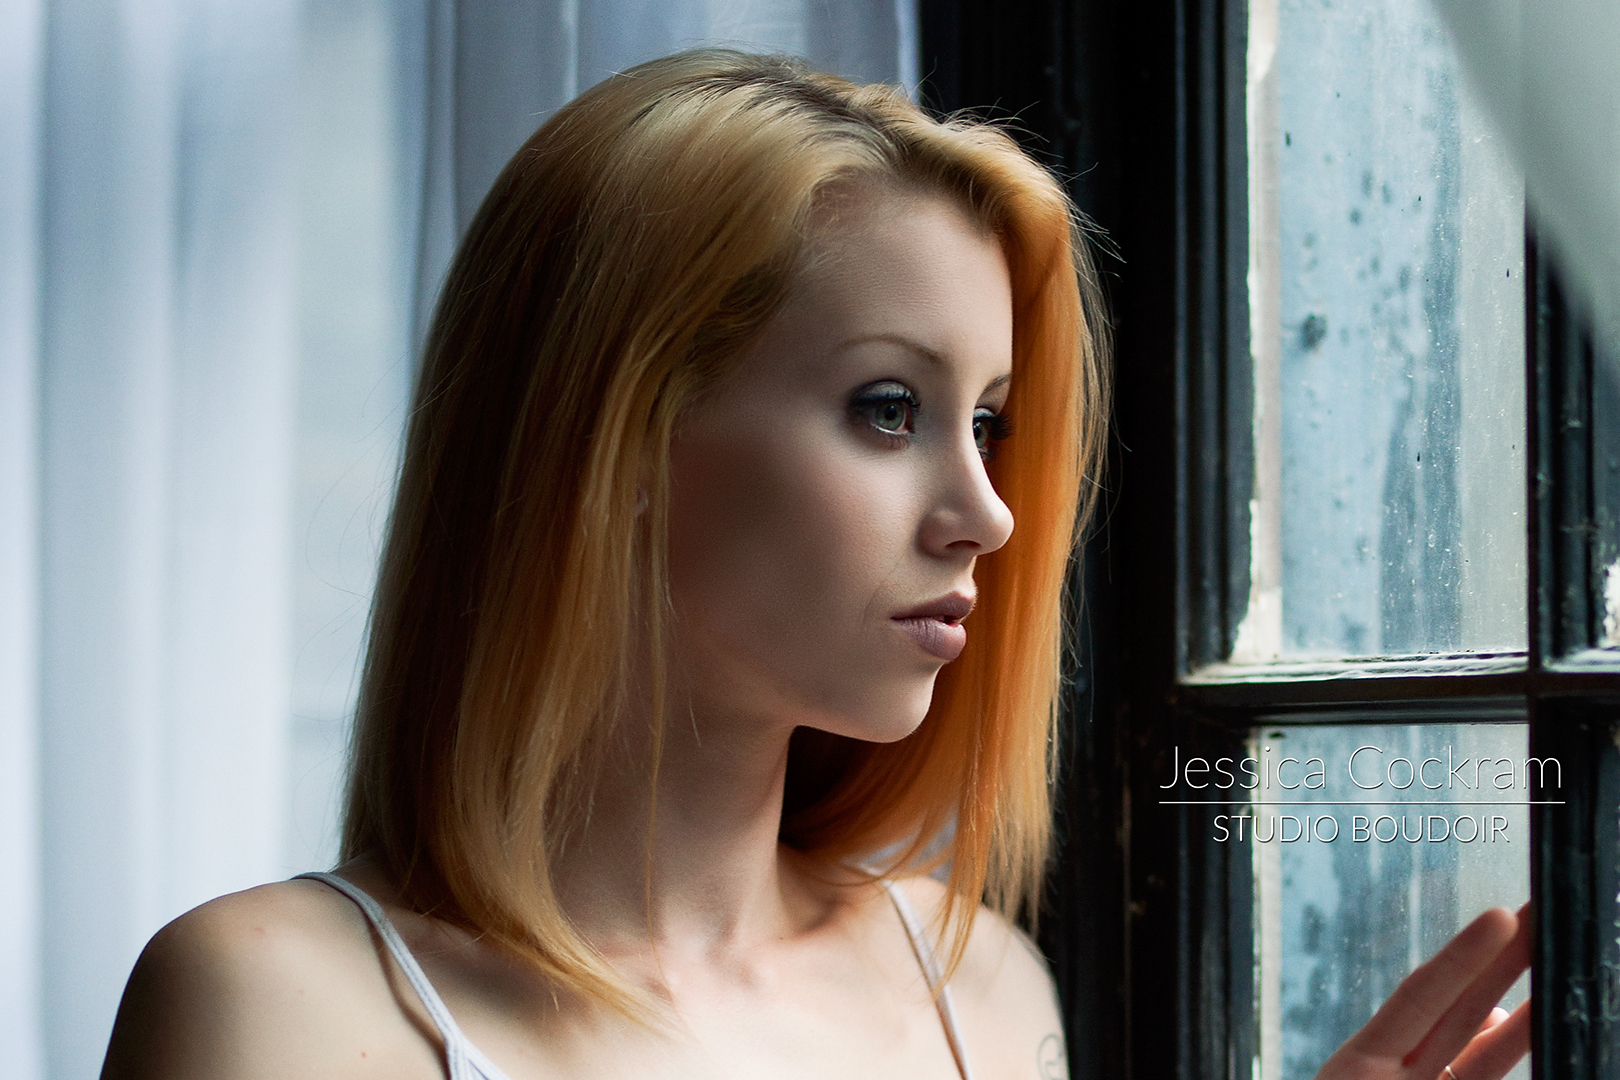 Windsor Boudoir Photographer - Jessica